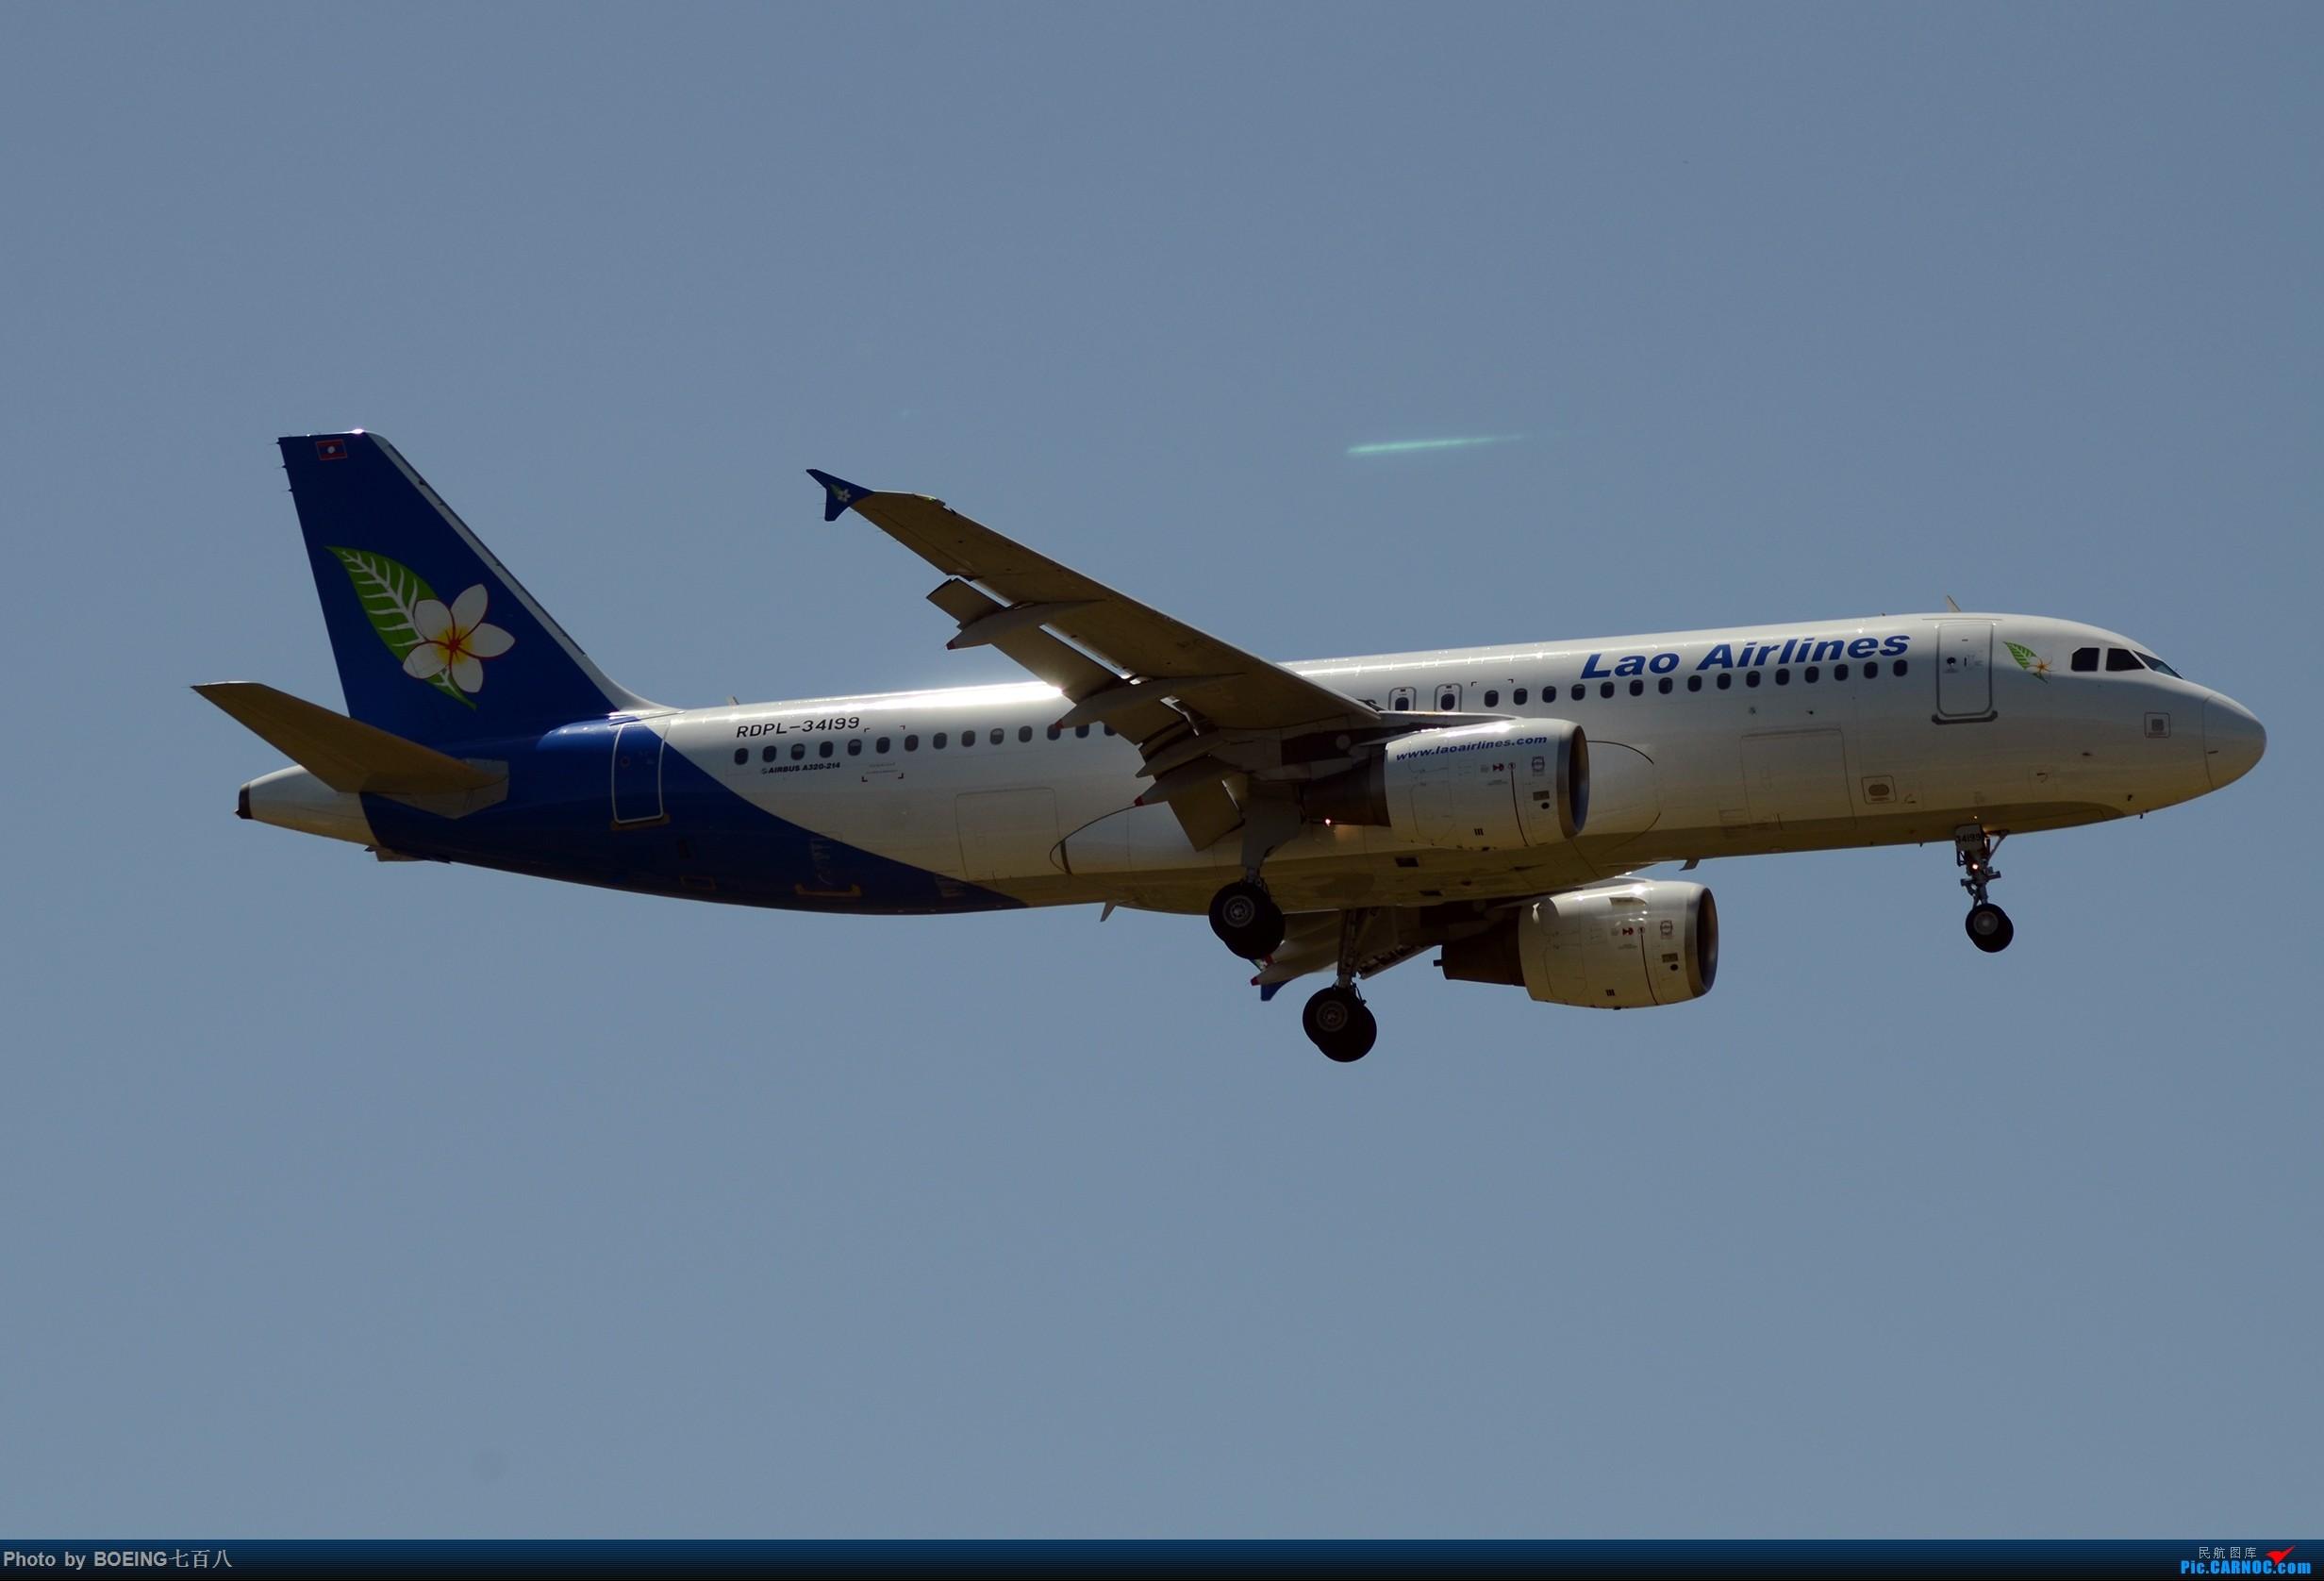 Re:[原创]好久没发作业了,5月13日的PEK AIRBUS A320-200 RDPL-34199 中国北京首都国际机场